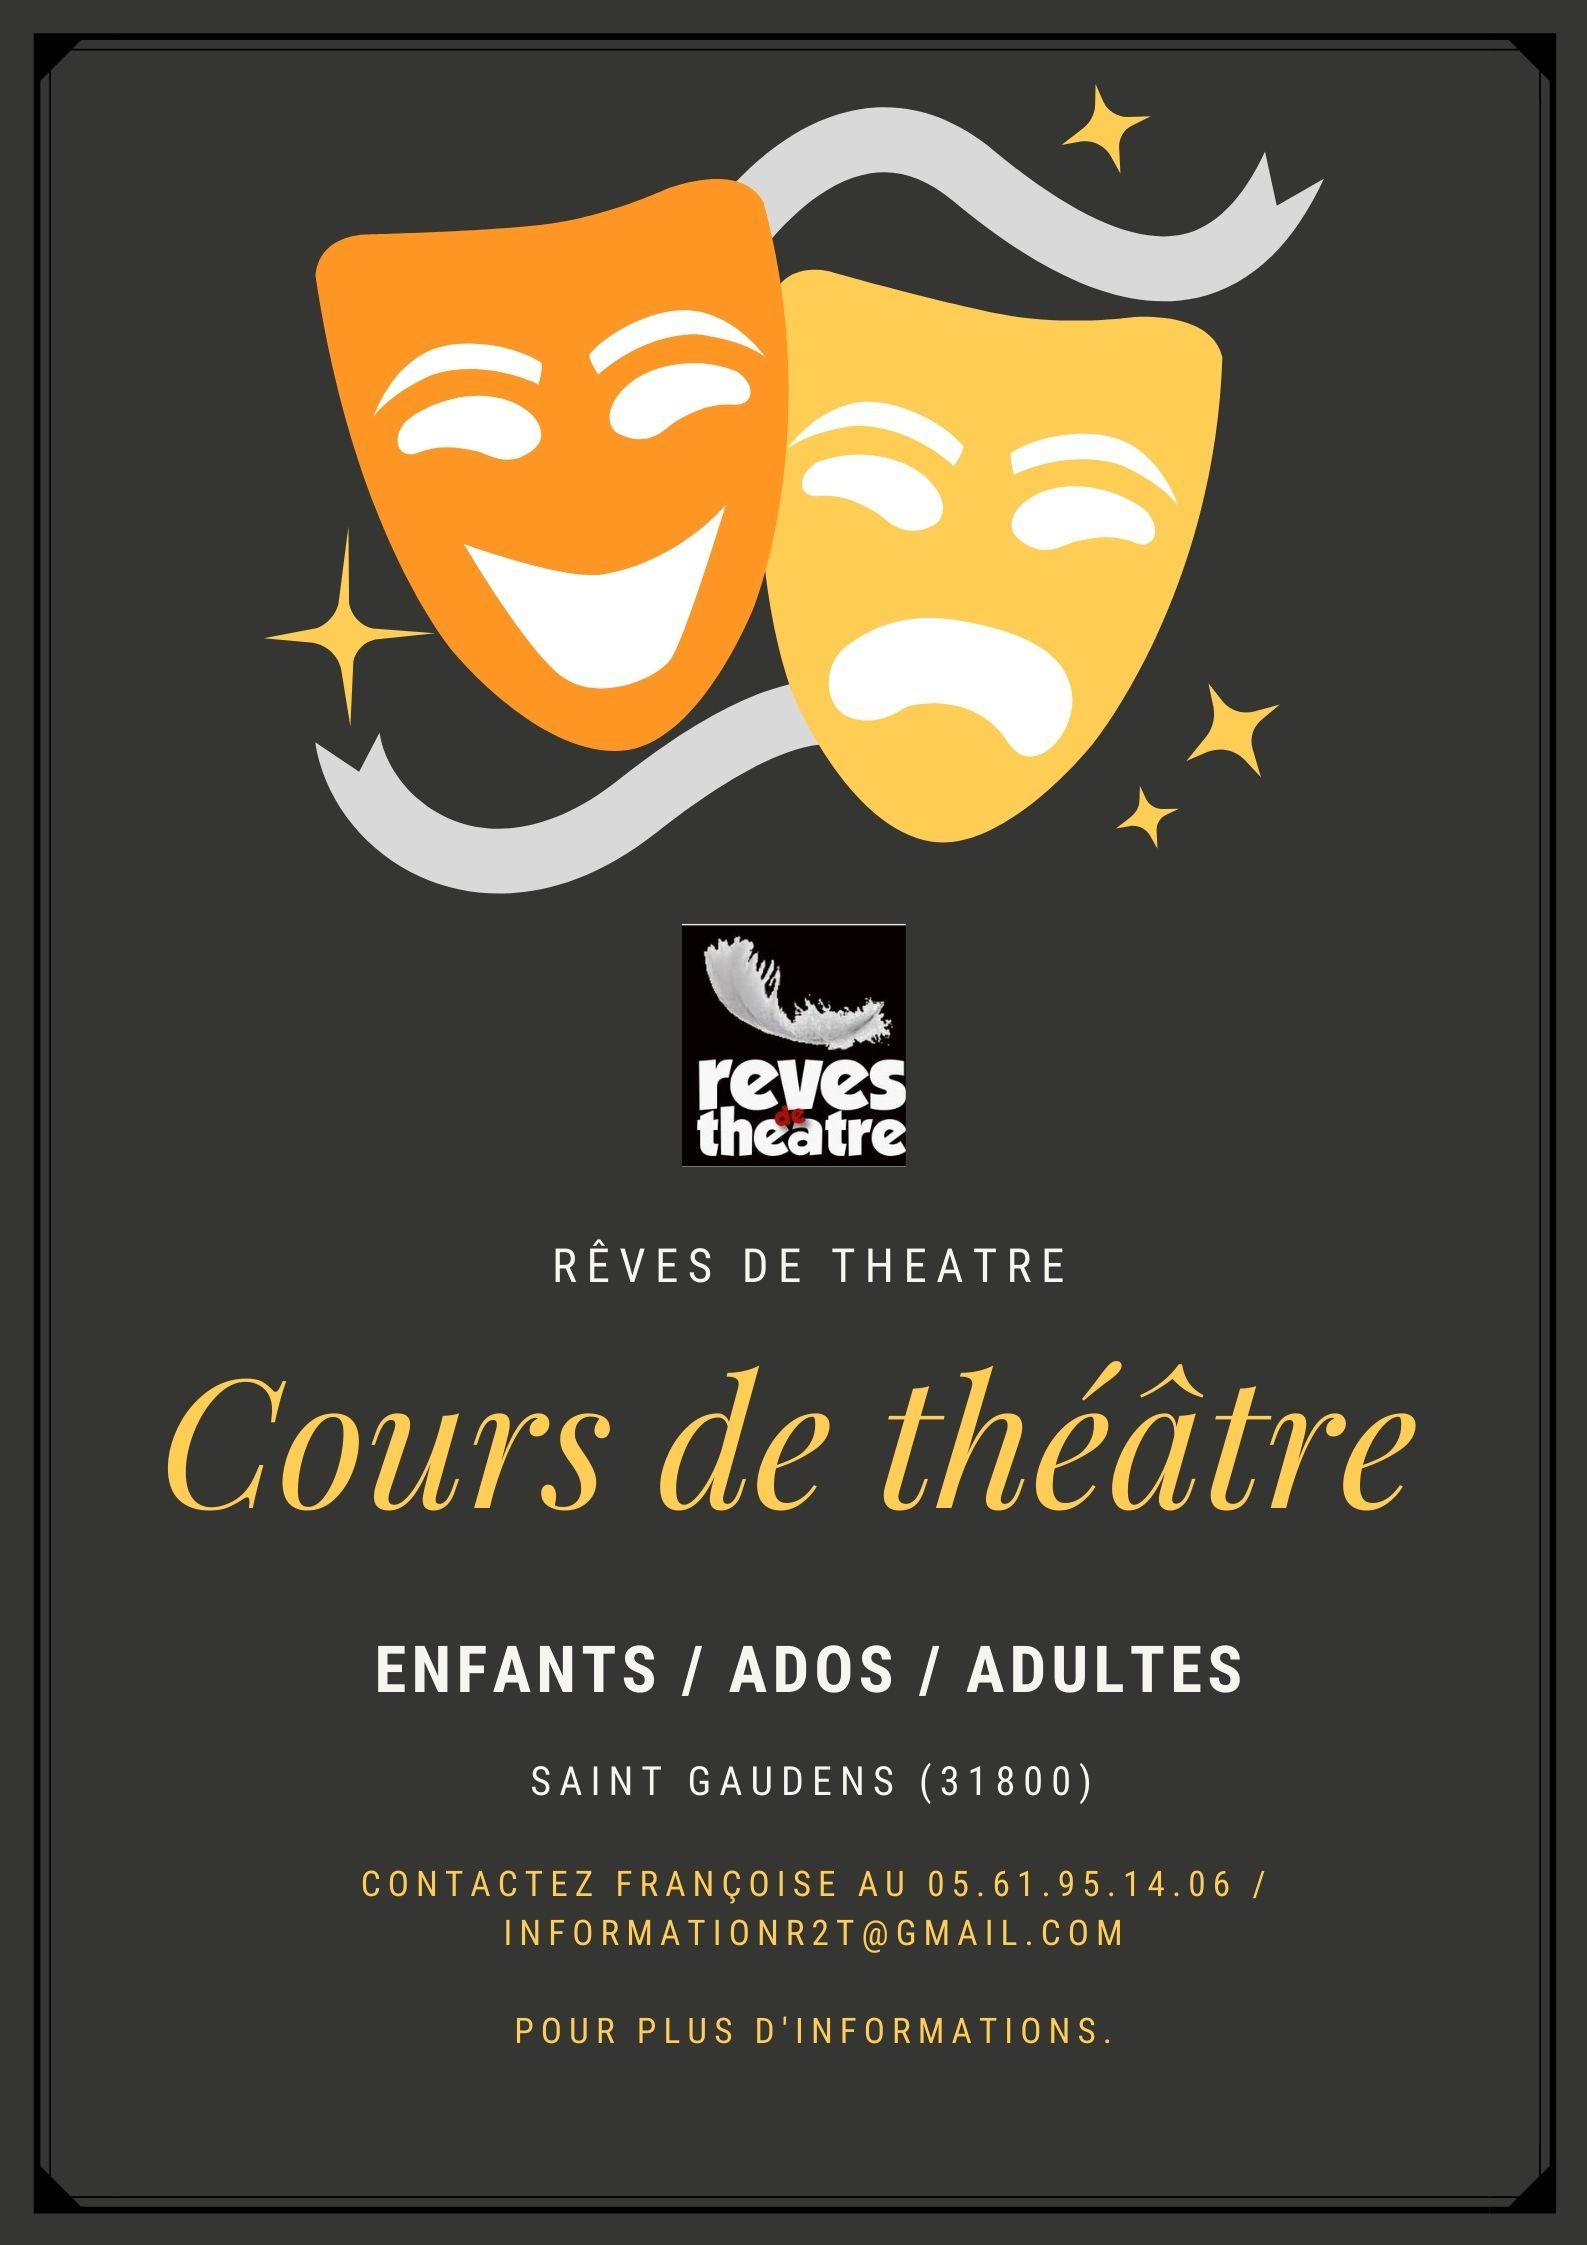 https://the-place-to-be.fr/wp-content/uploads/2021/03/Noir-Theatre-Icone-Vintage-Salle-de-Classe-Affiche-6e55fd8a.jpg